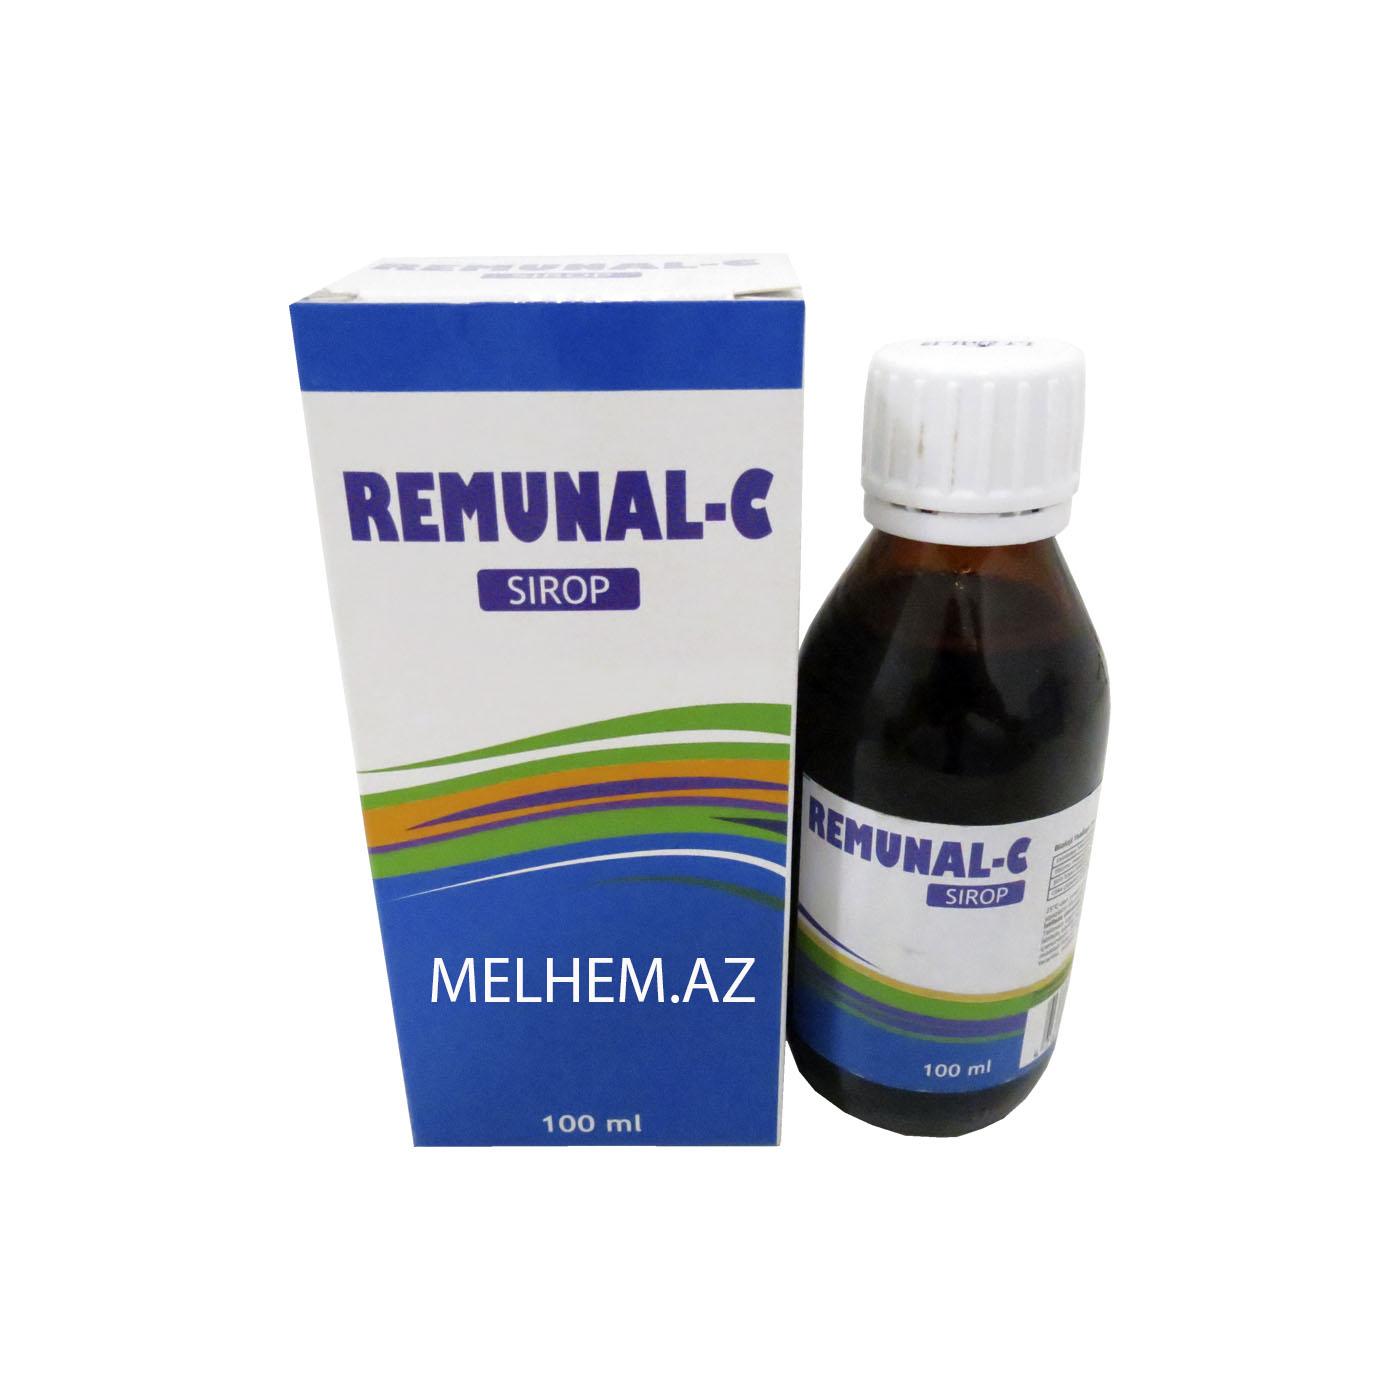 REMUNAL-C